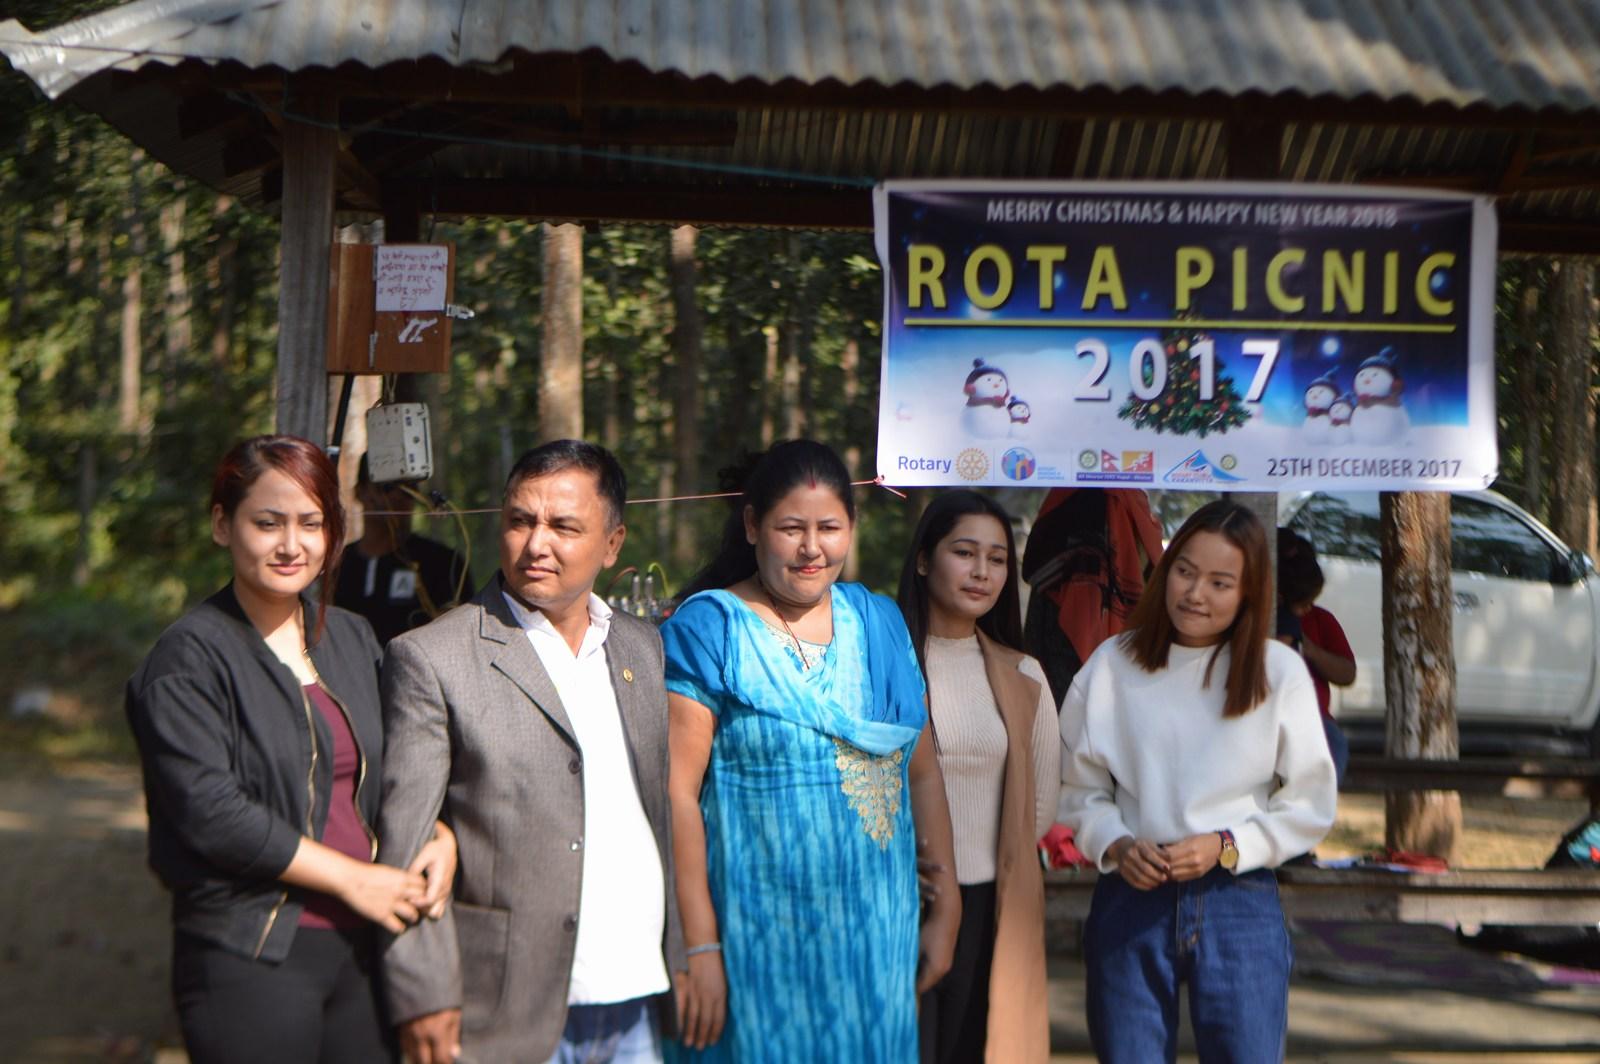 Rota-Picnic-2017-Rotary-Club-of-Kakarvitta-50